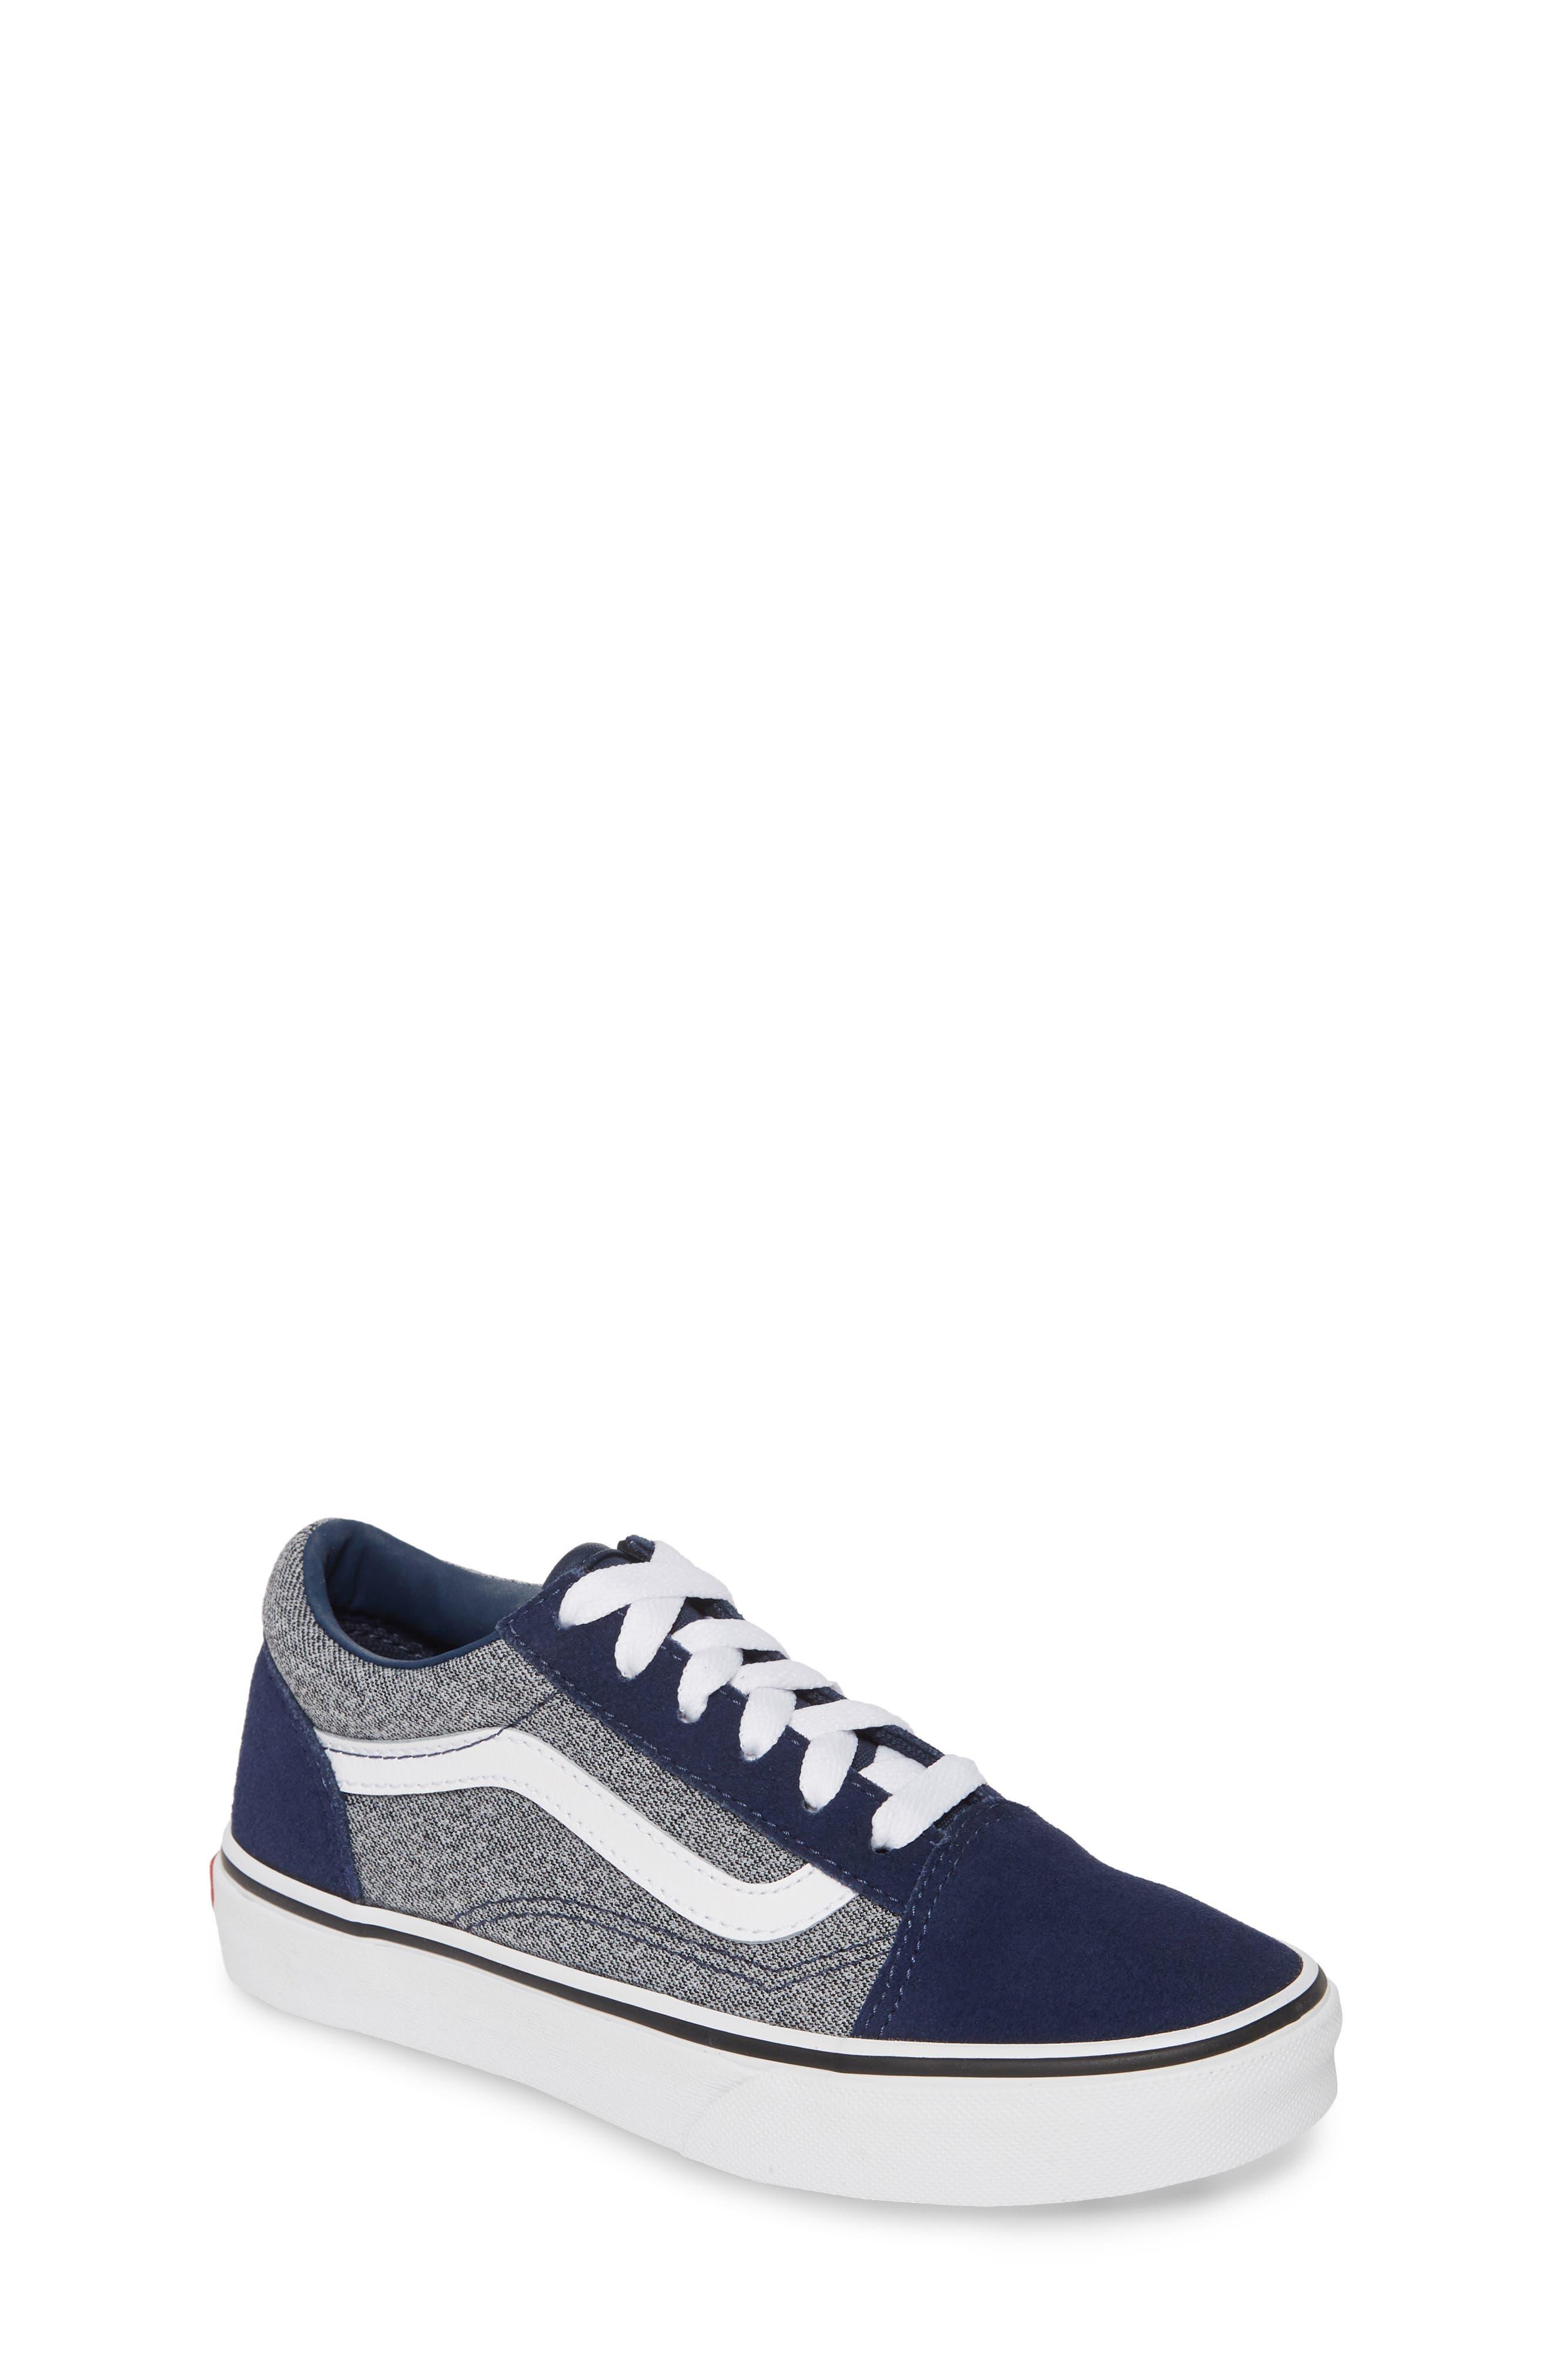 VANS | 'Old Skool' Skate Sneaker